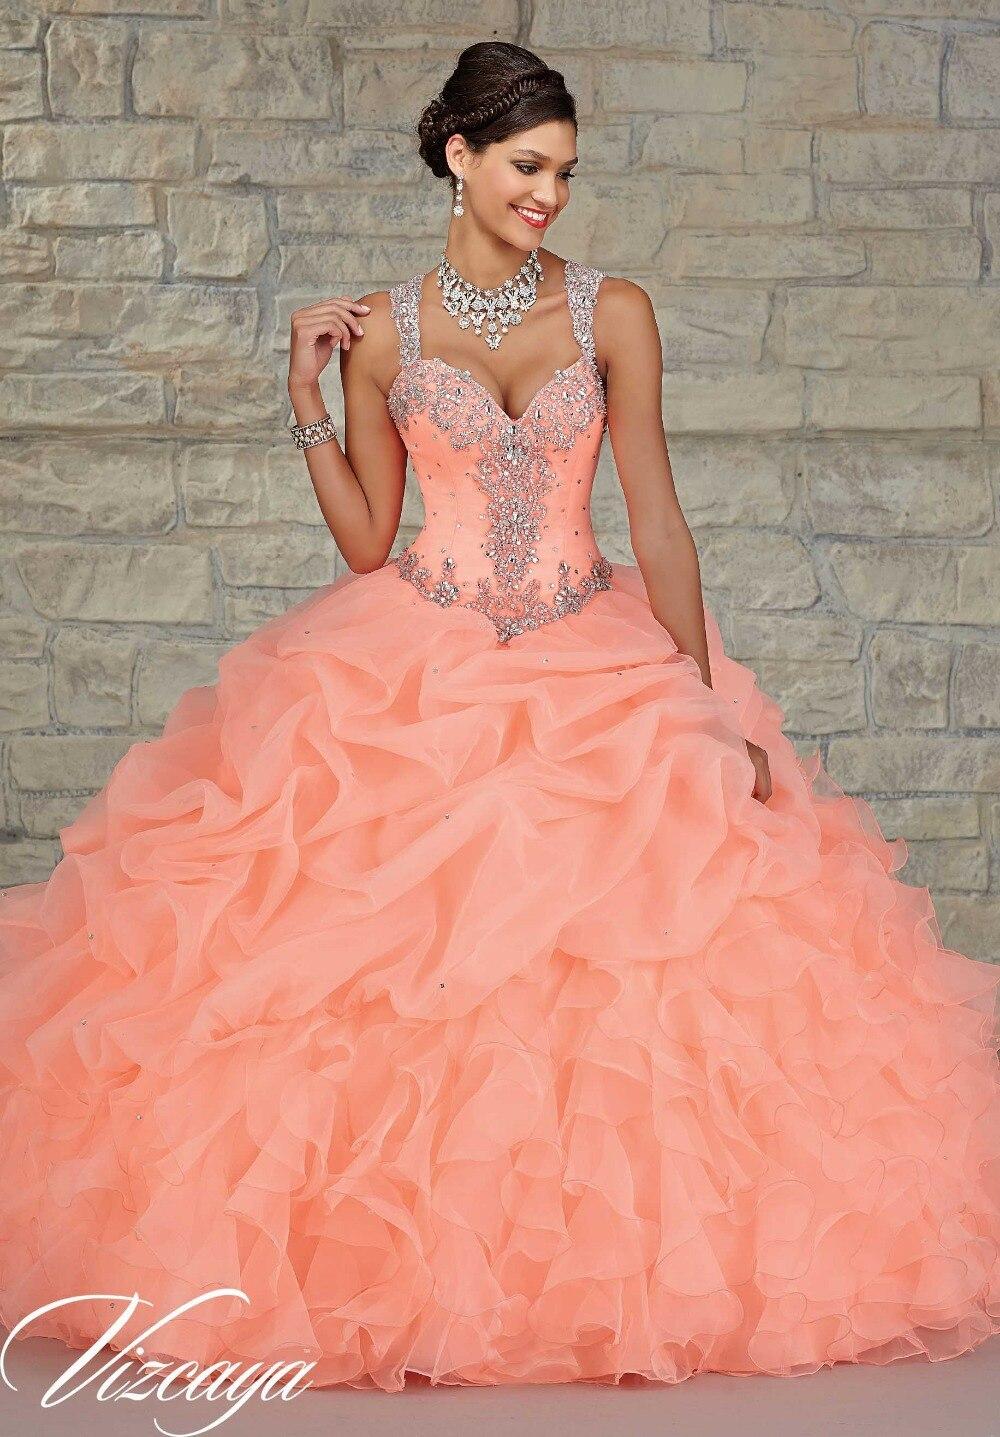 5bc695c86 En stock barato nueva coral vestidos de quinceañera 2015 con cuentas de  organza con volantes correas sede aunque volver balón vestido de verde  menta en ...